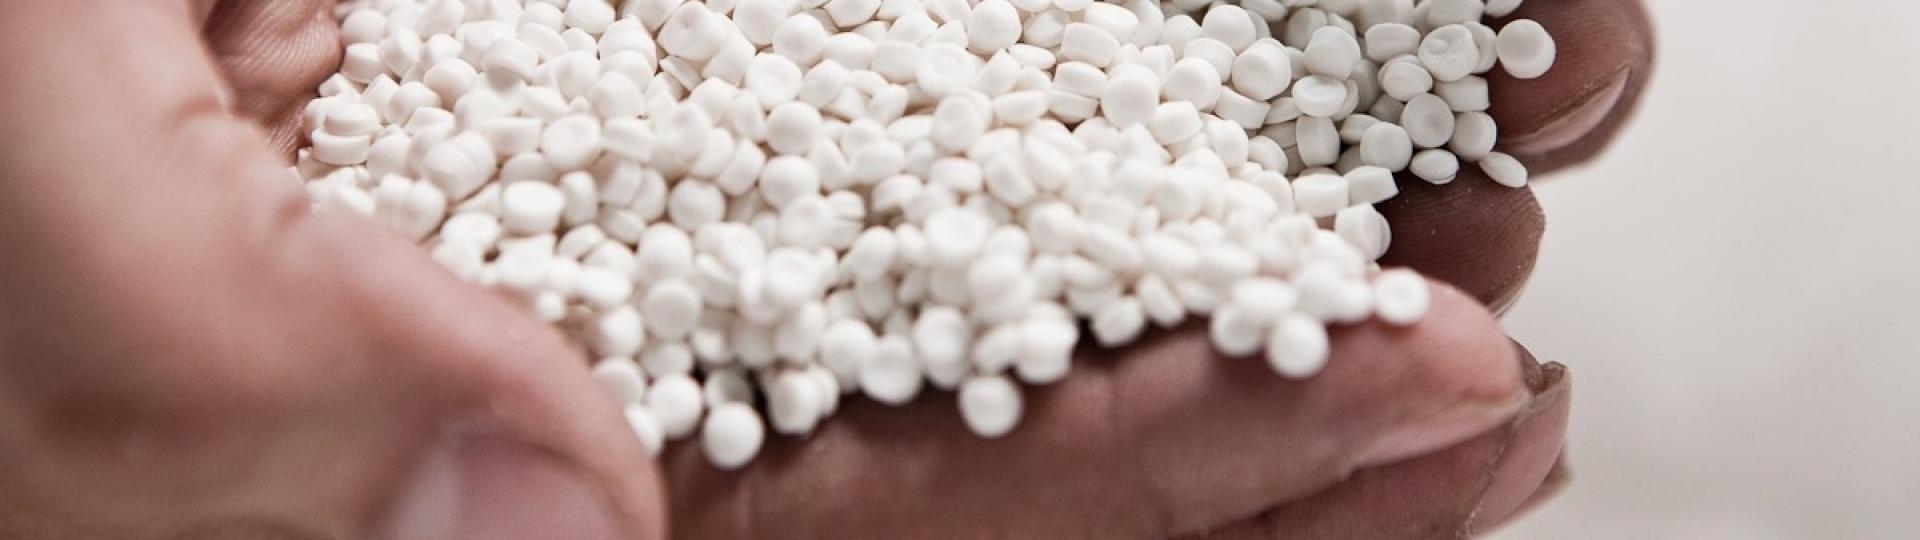 Ribeirão Preto ganha indústria  de ponta que produz embalagens a partir da reciclagem de embalagens de agroquímicos